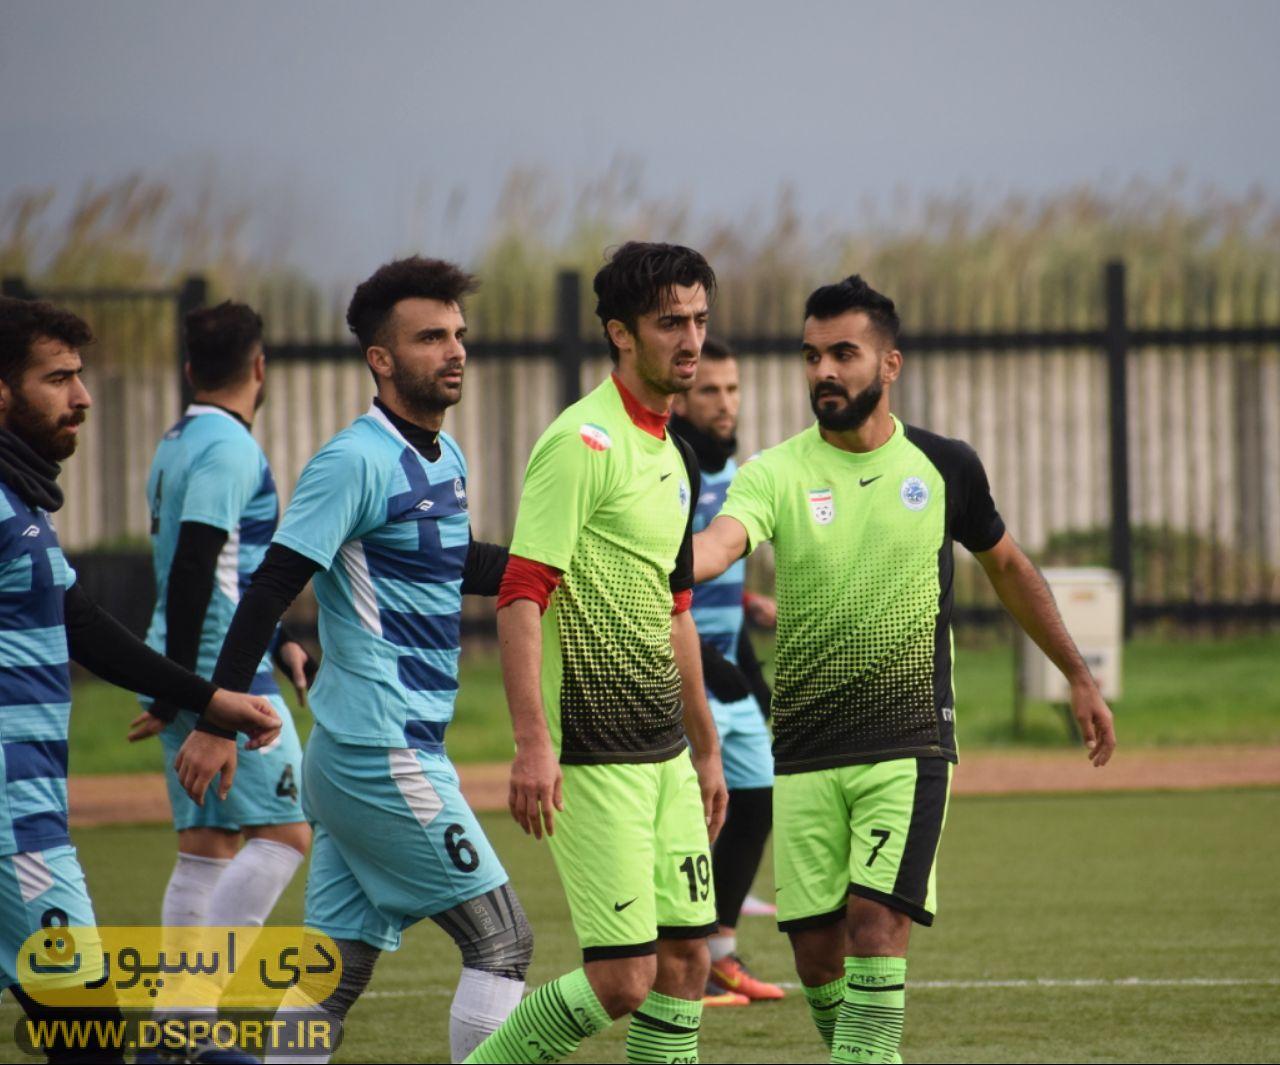 خونه به خونه 1 – 0 مس کرمان؛ سه امتیاز در سه دقیقه!